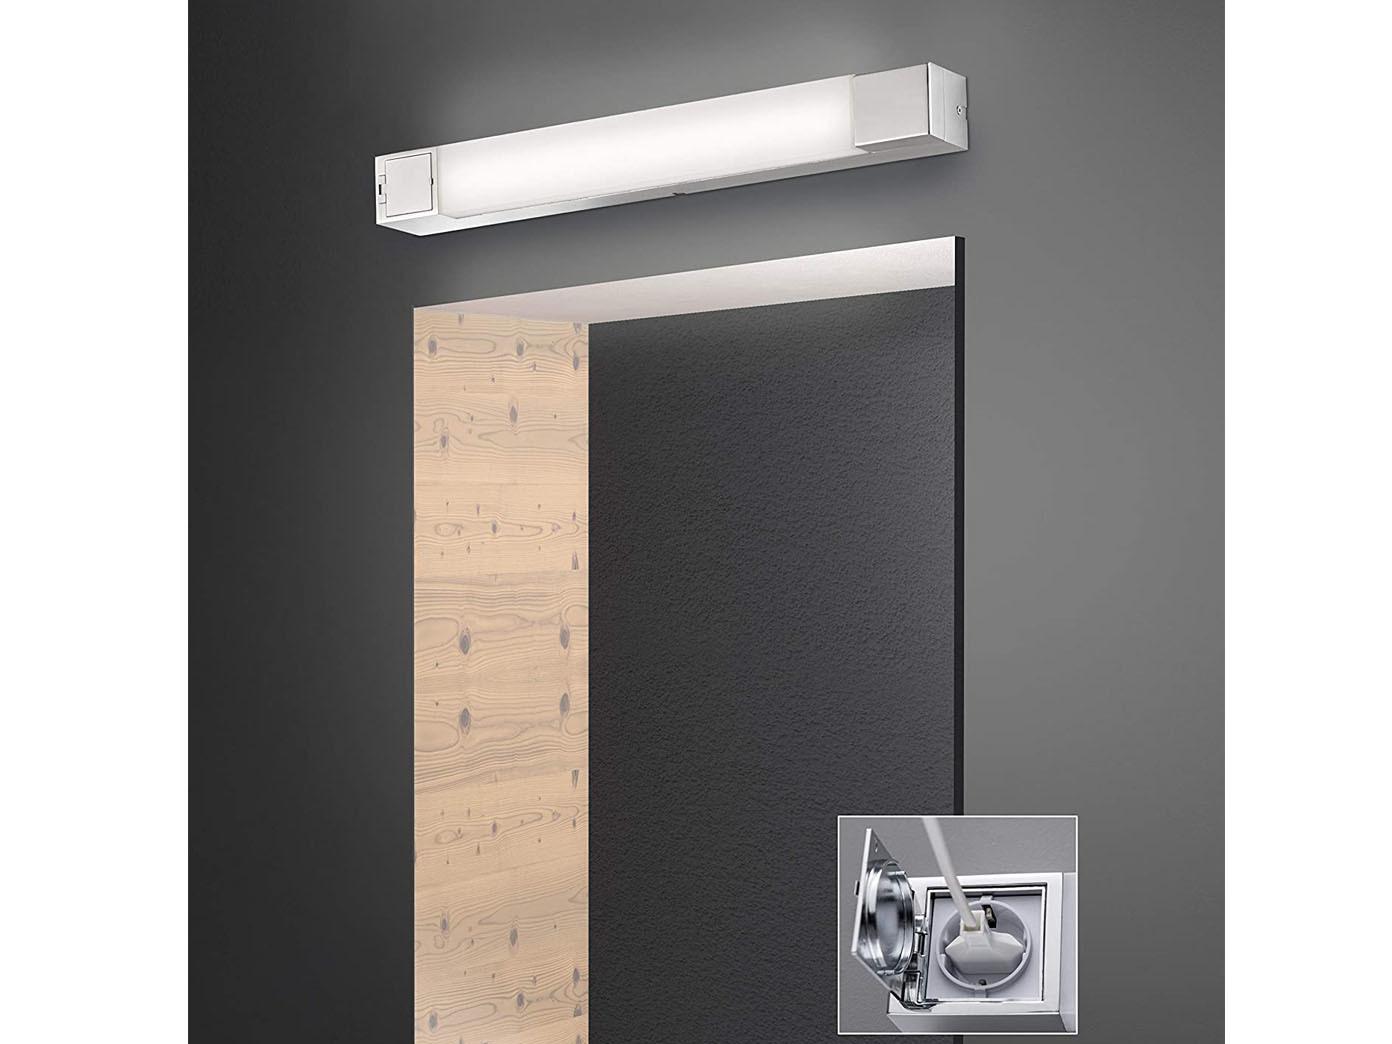 LED Badezimmerleuchte Mit Steckdose Spiegellampe 60cm